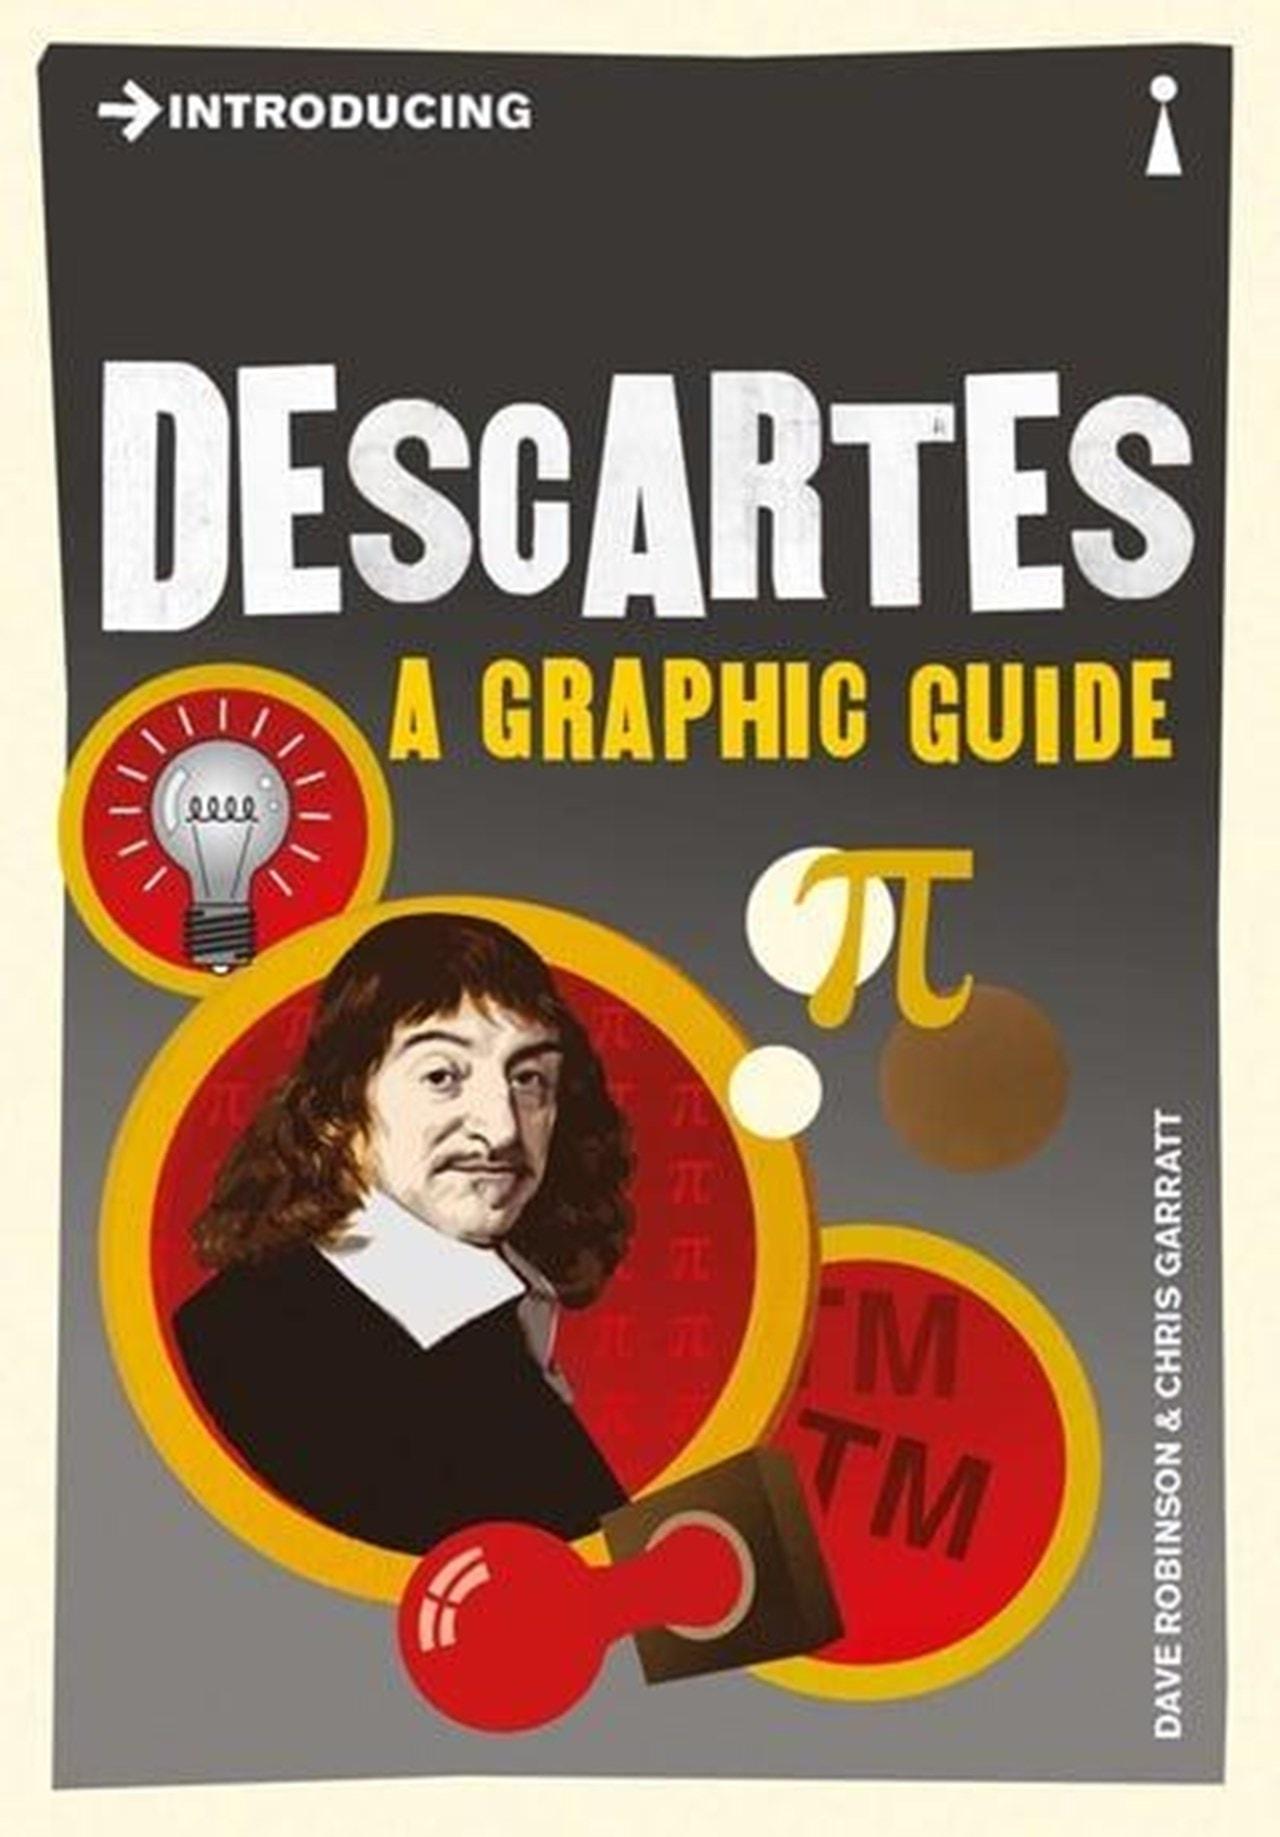 Introducing Descartes - 1